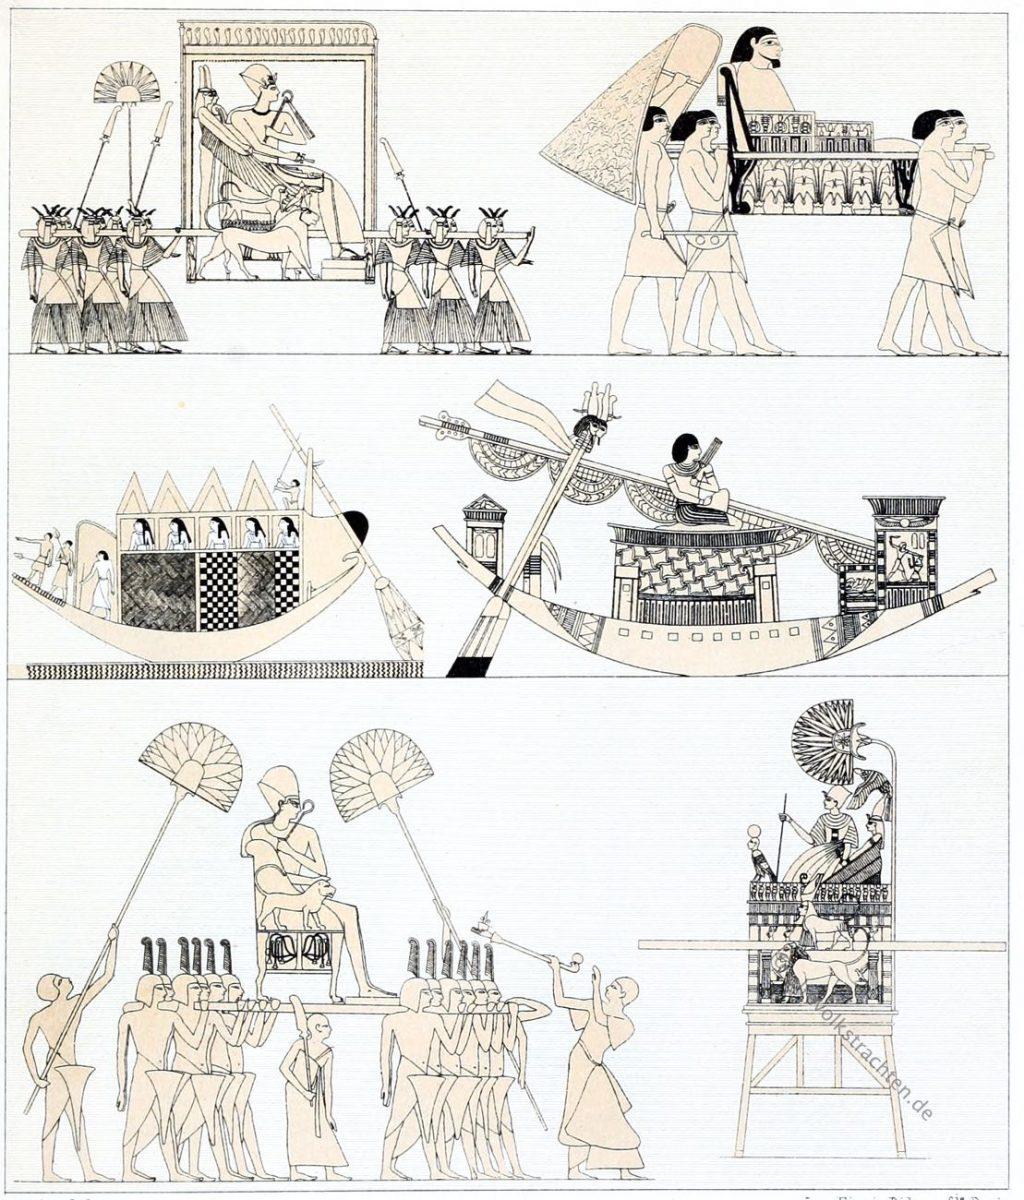 Ägypten, Palankine, Sänften, Pharao, Trachten, Antike, Auguste Racinet